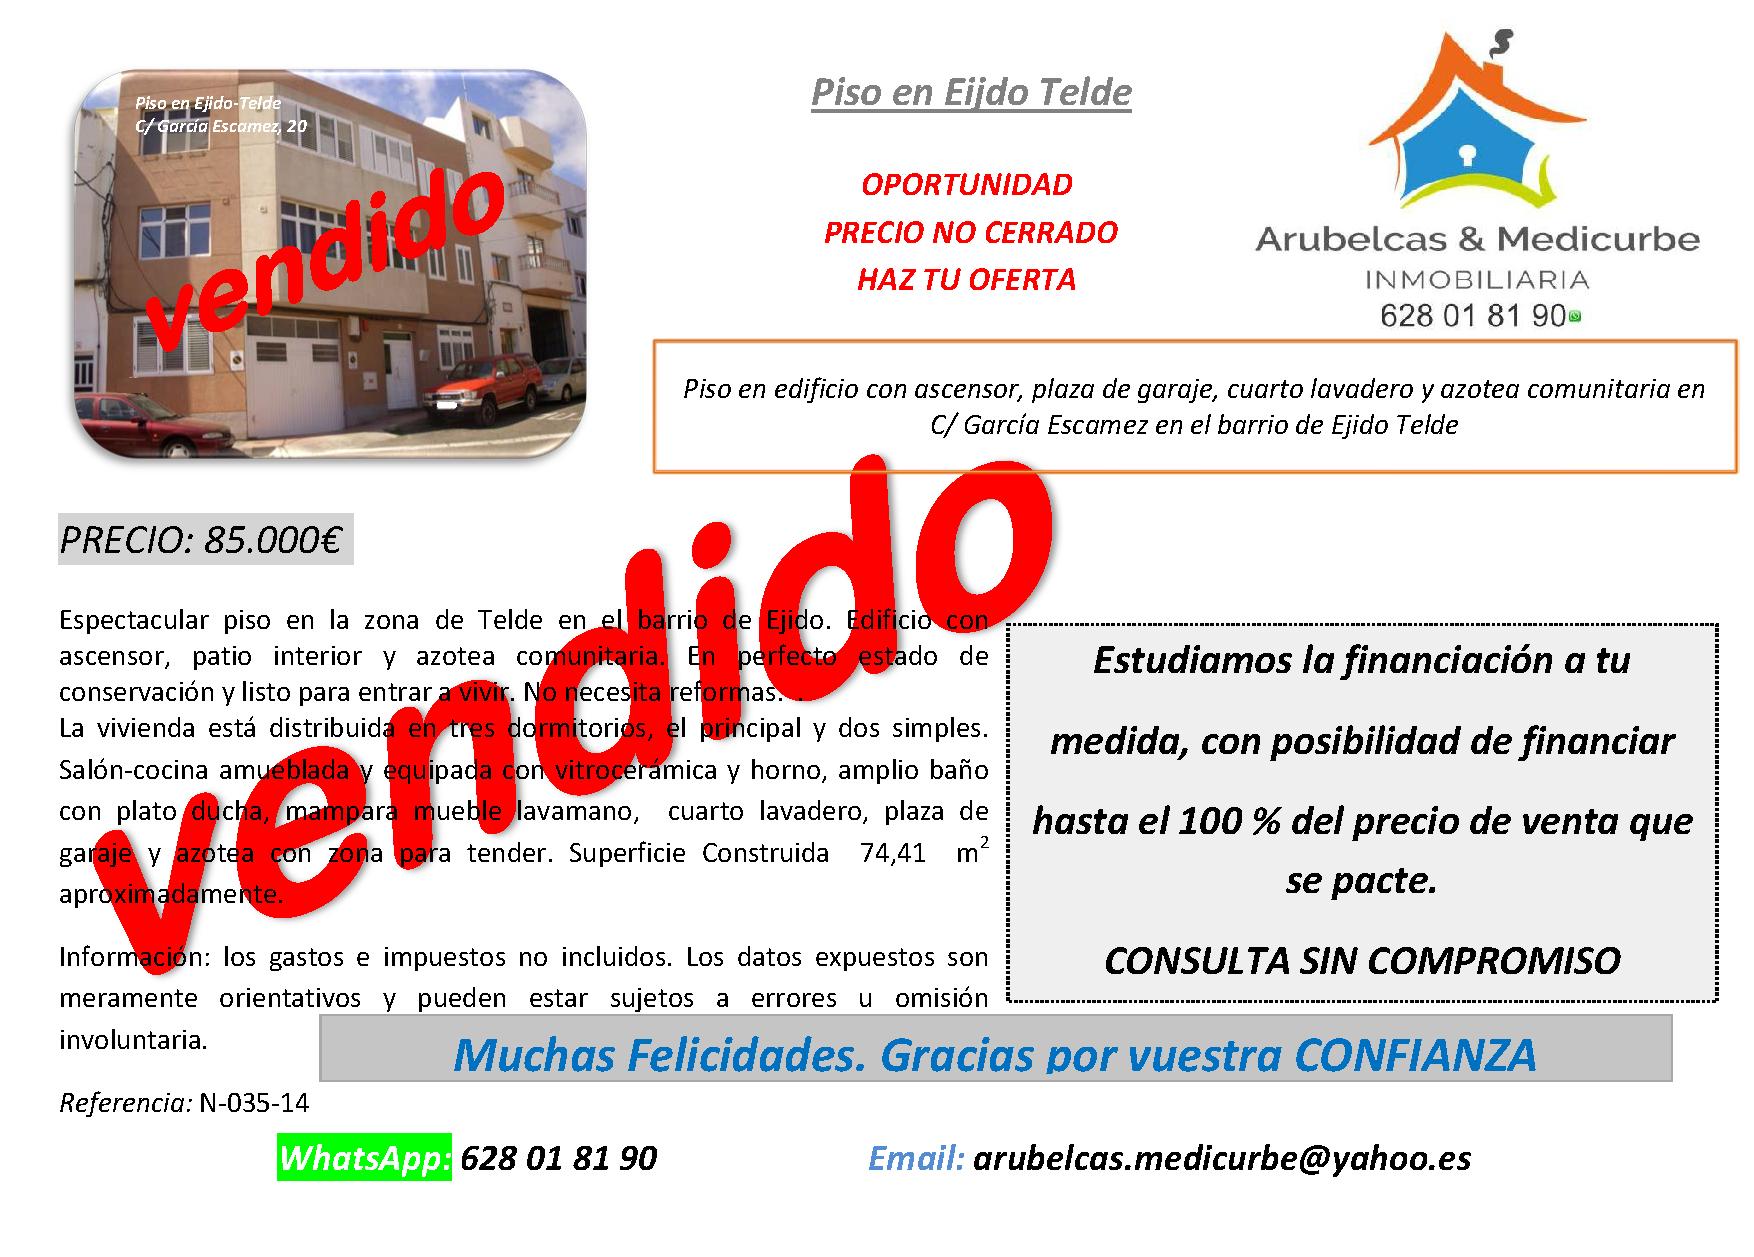 85.000€ VENDIDO PISO EN EJIDO-SAN GREGORIO-TELDE